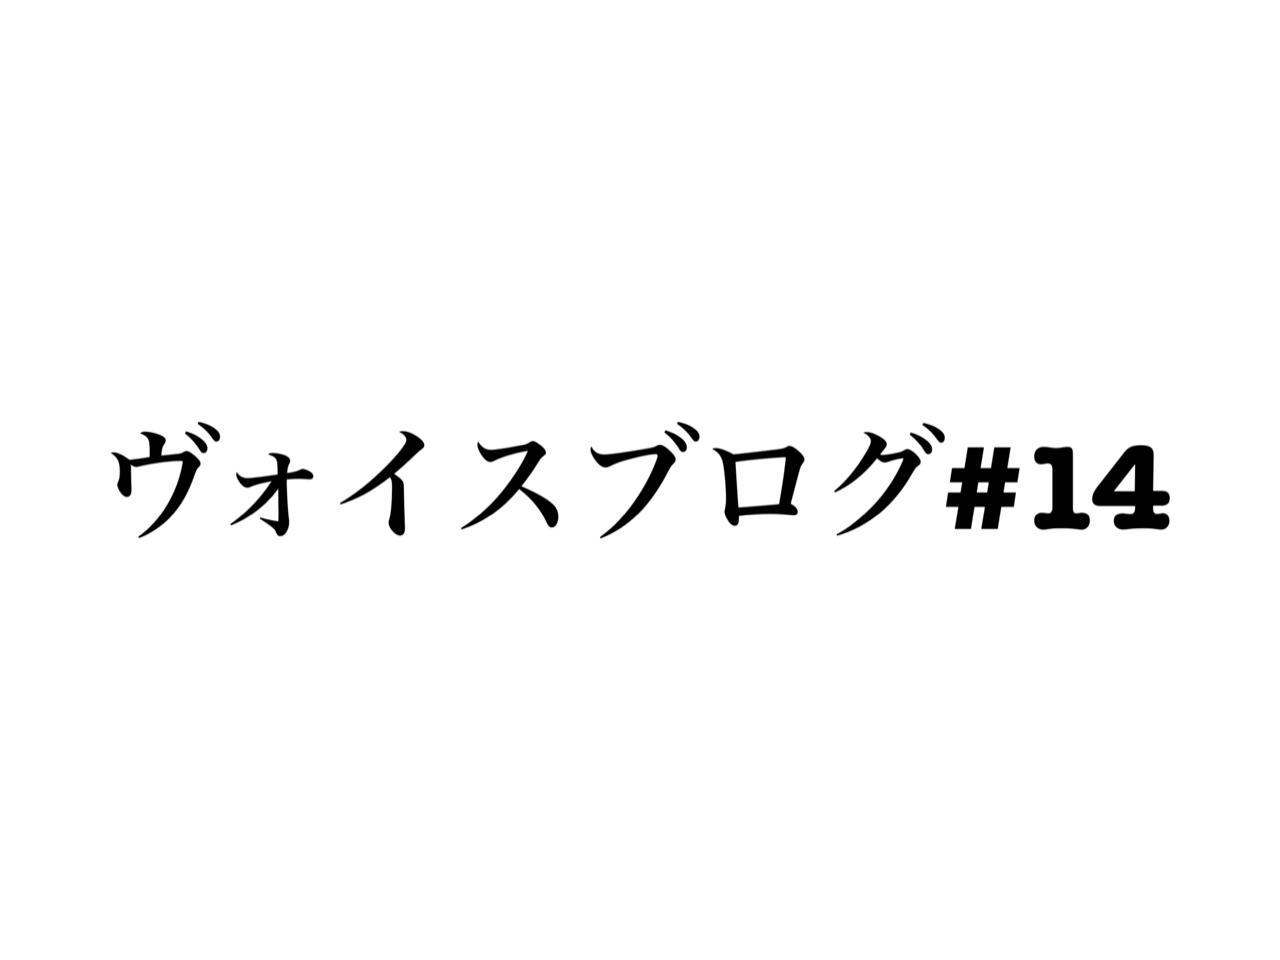 ヴォイスブログ#14